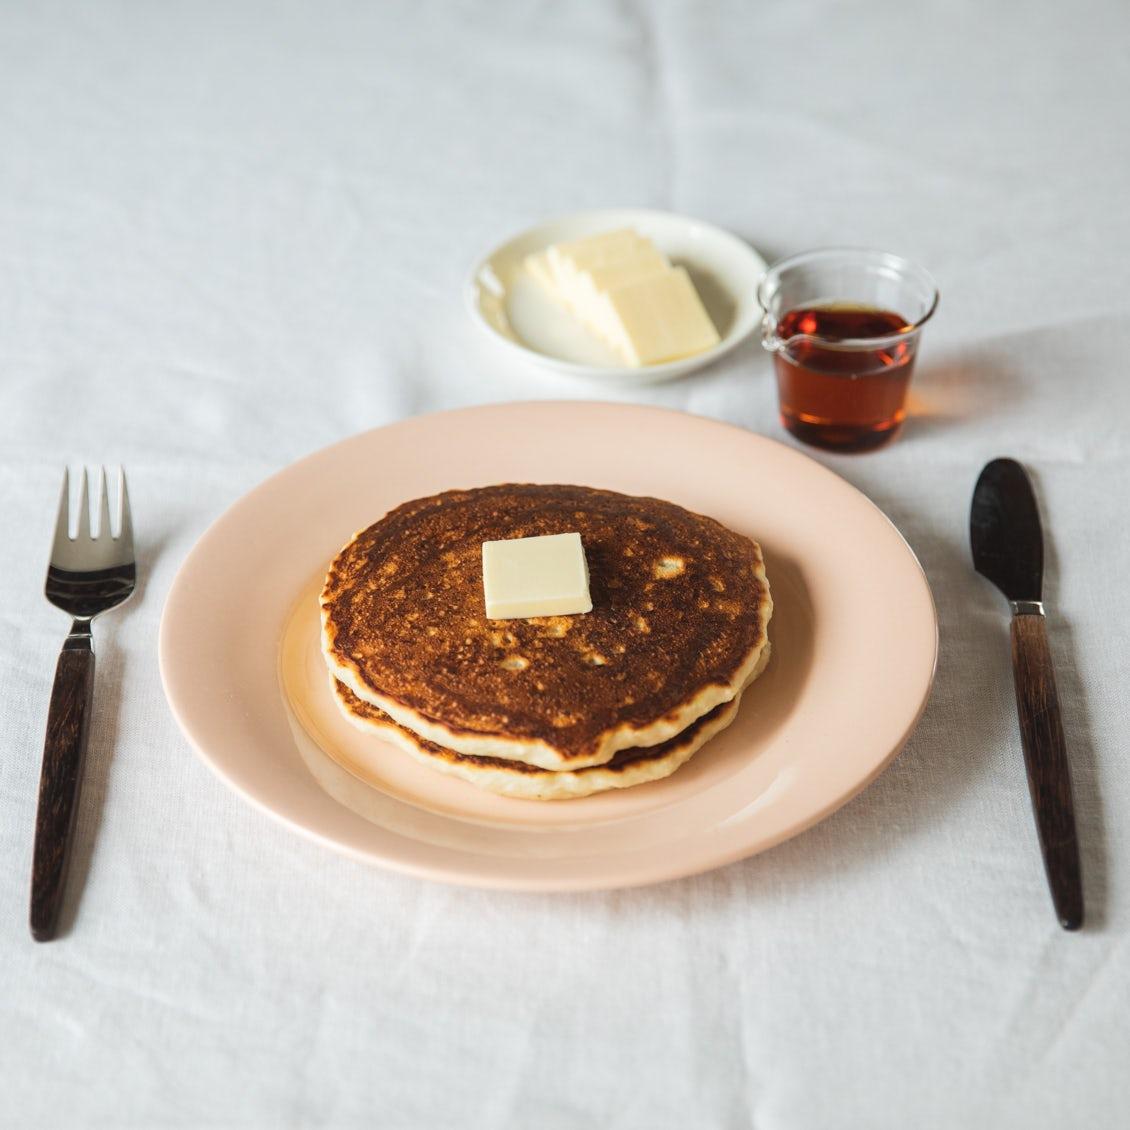 【野菜すきになあれ】第2話:レンコンでふわふわ・もっちり食感に!パンケーキのレシピ